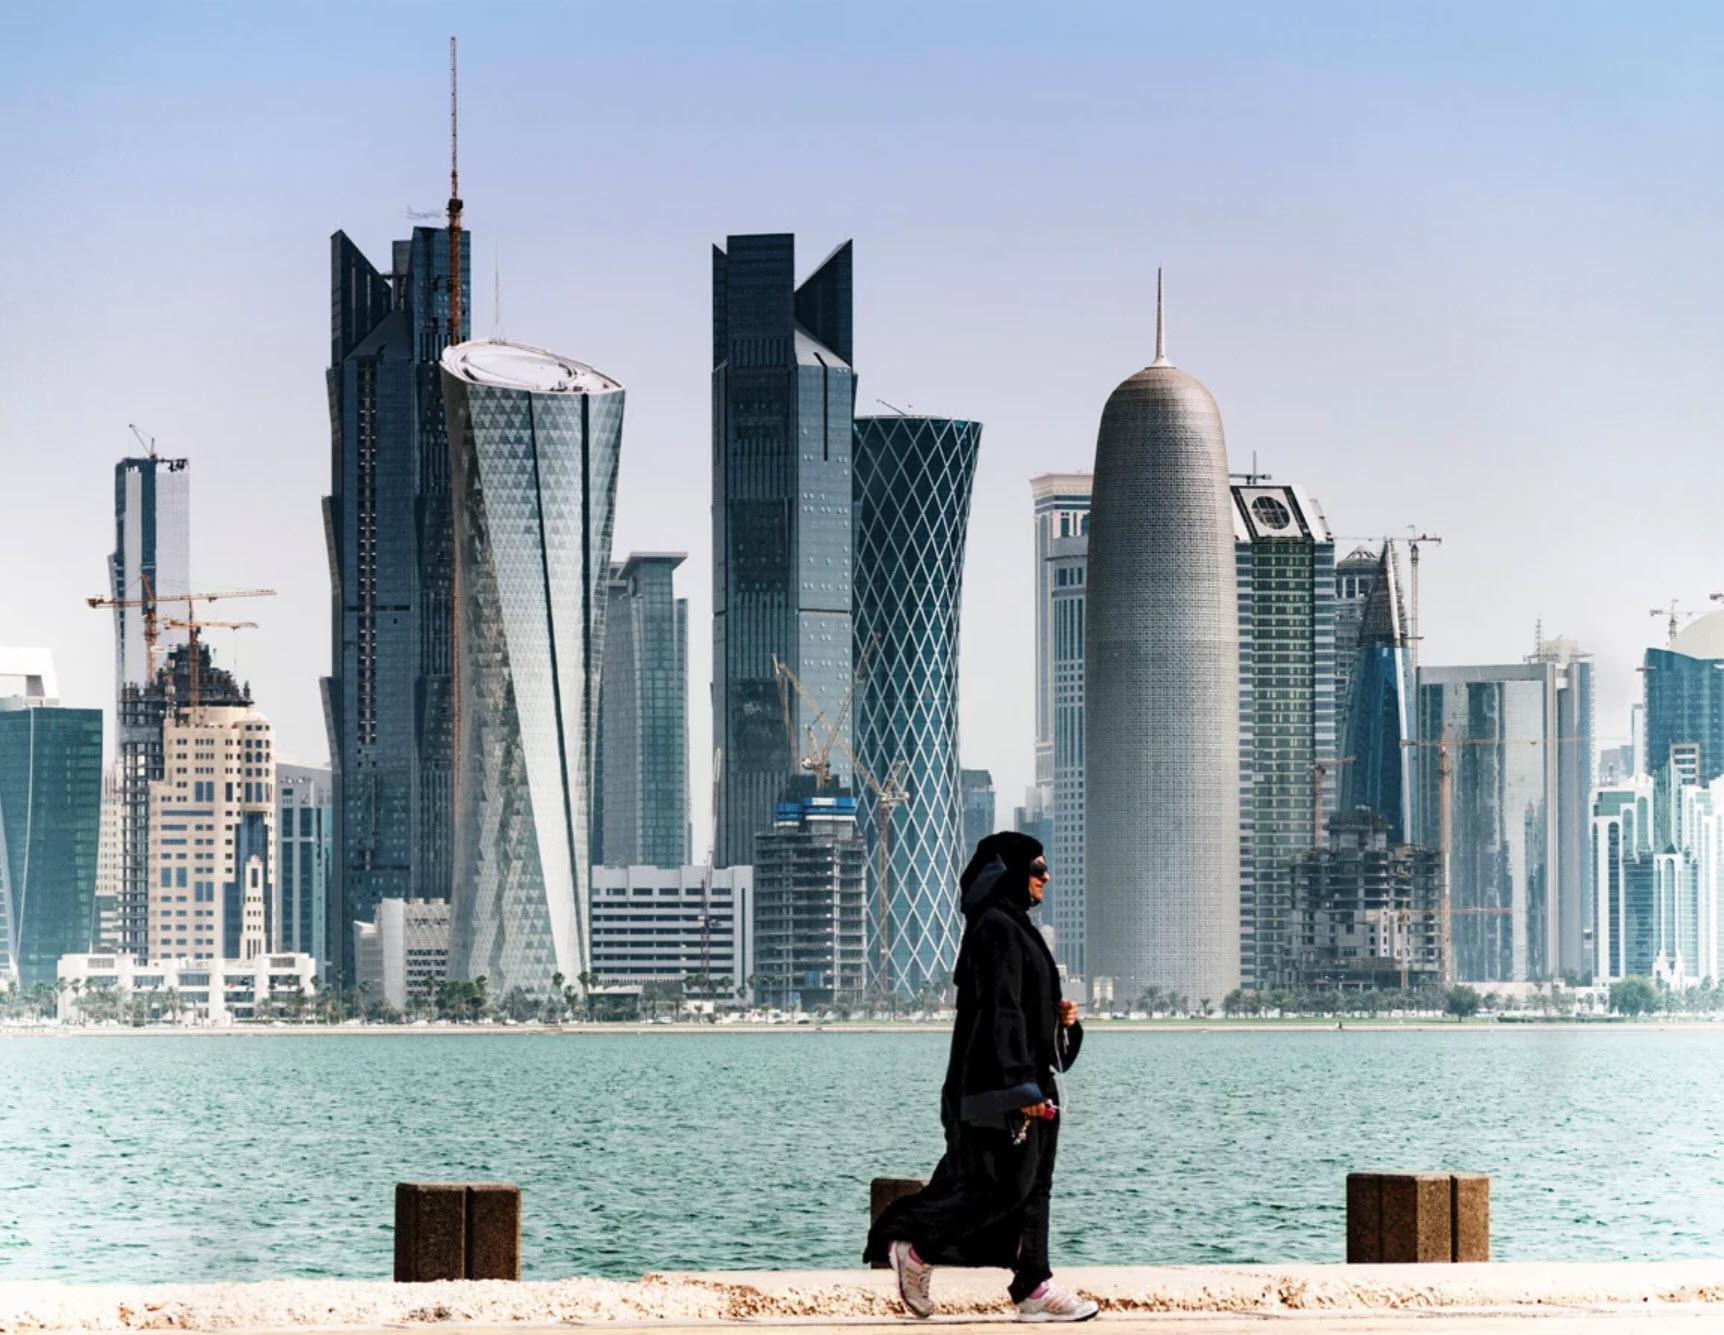 ВВП Саудовской Аравии упал